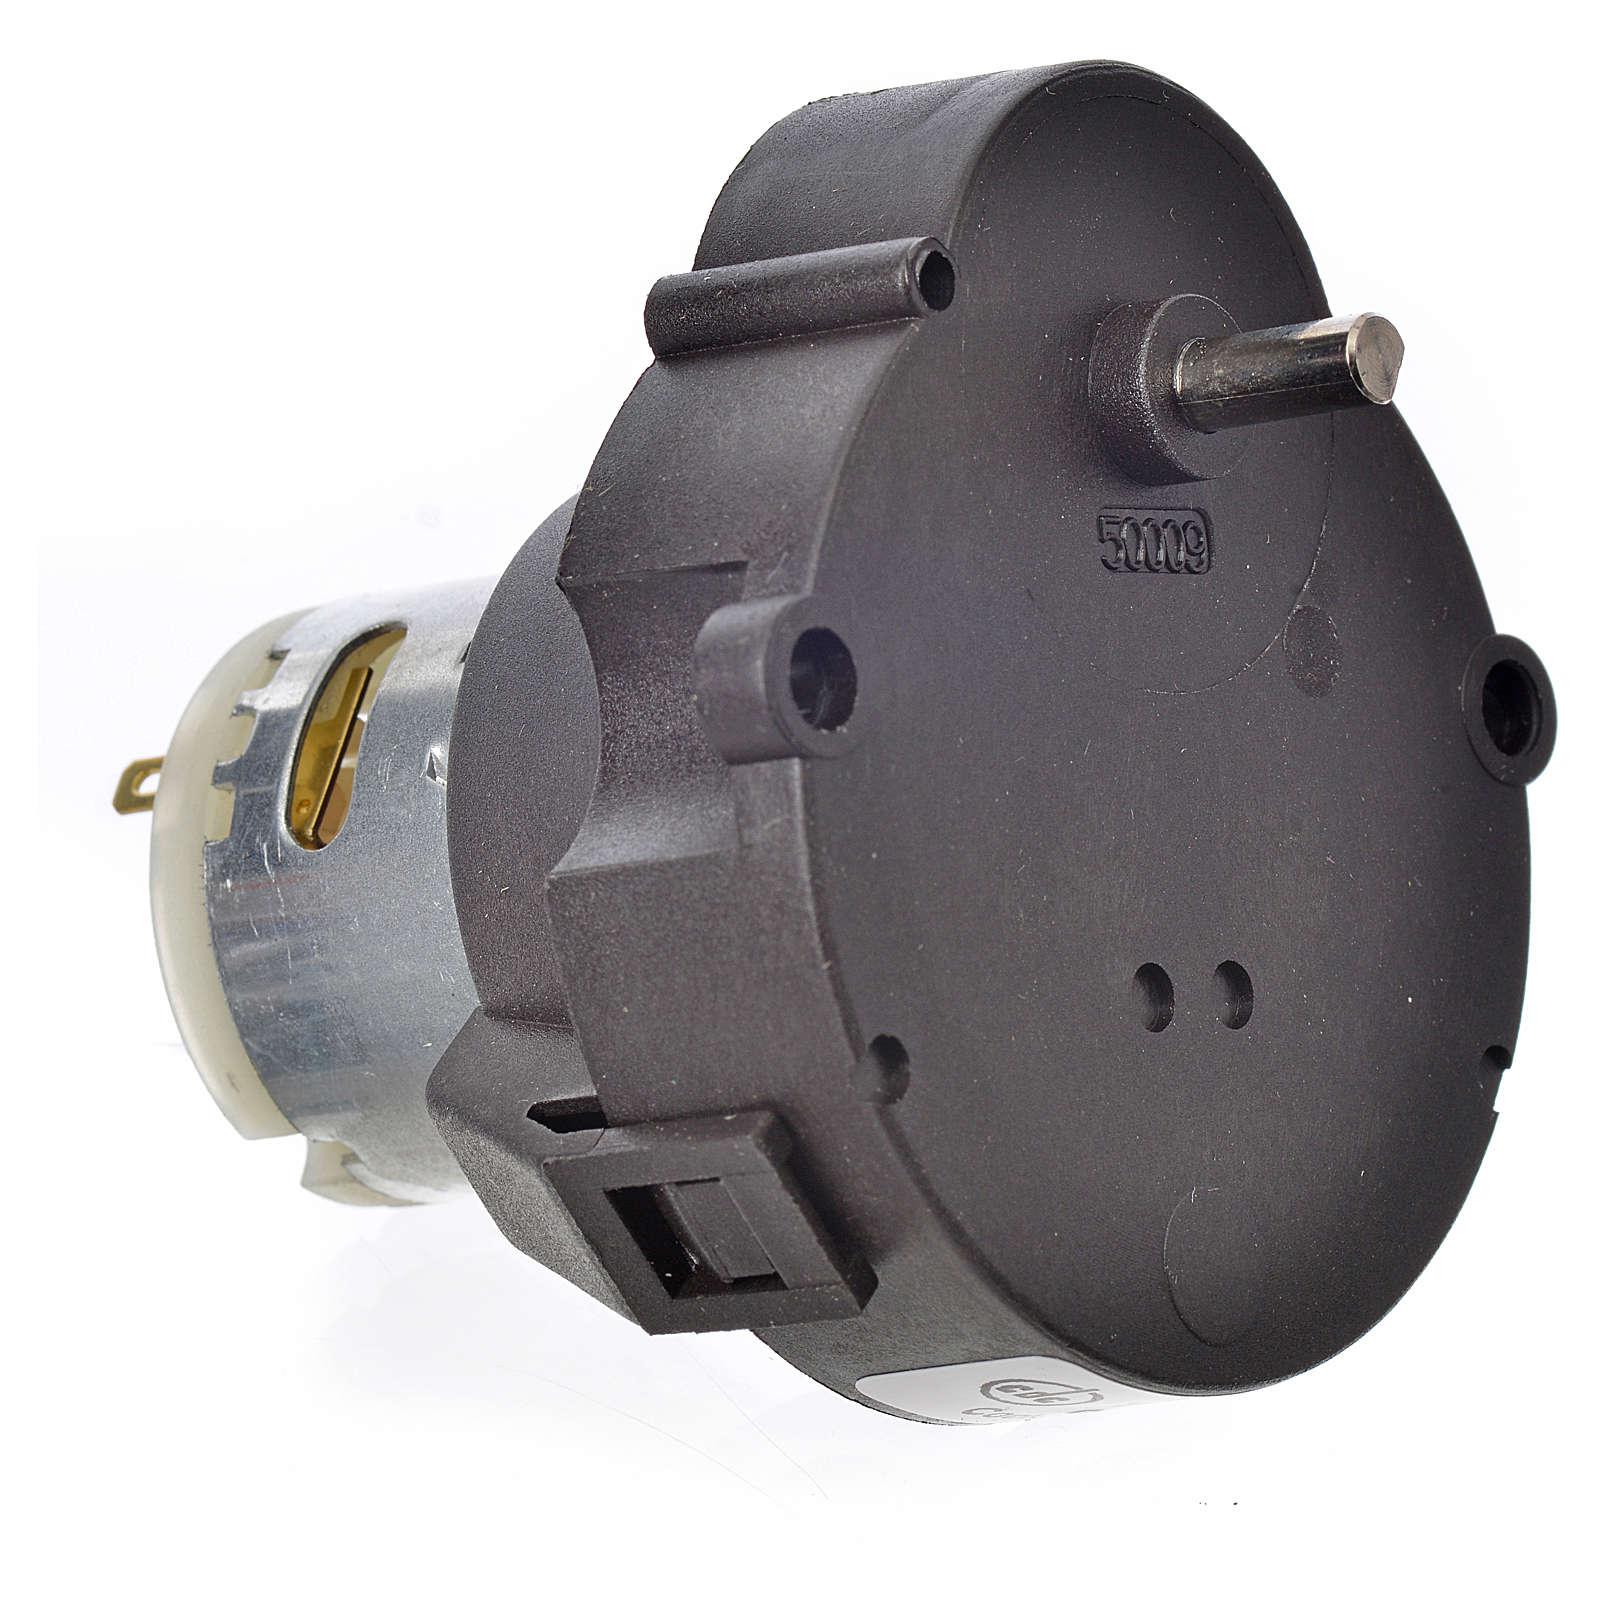 Motoriduttore presepe MCC a corrente continua 12V g/m 1/3 4